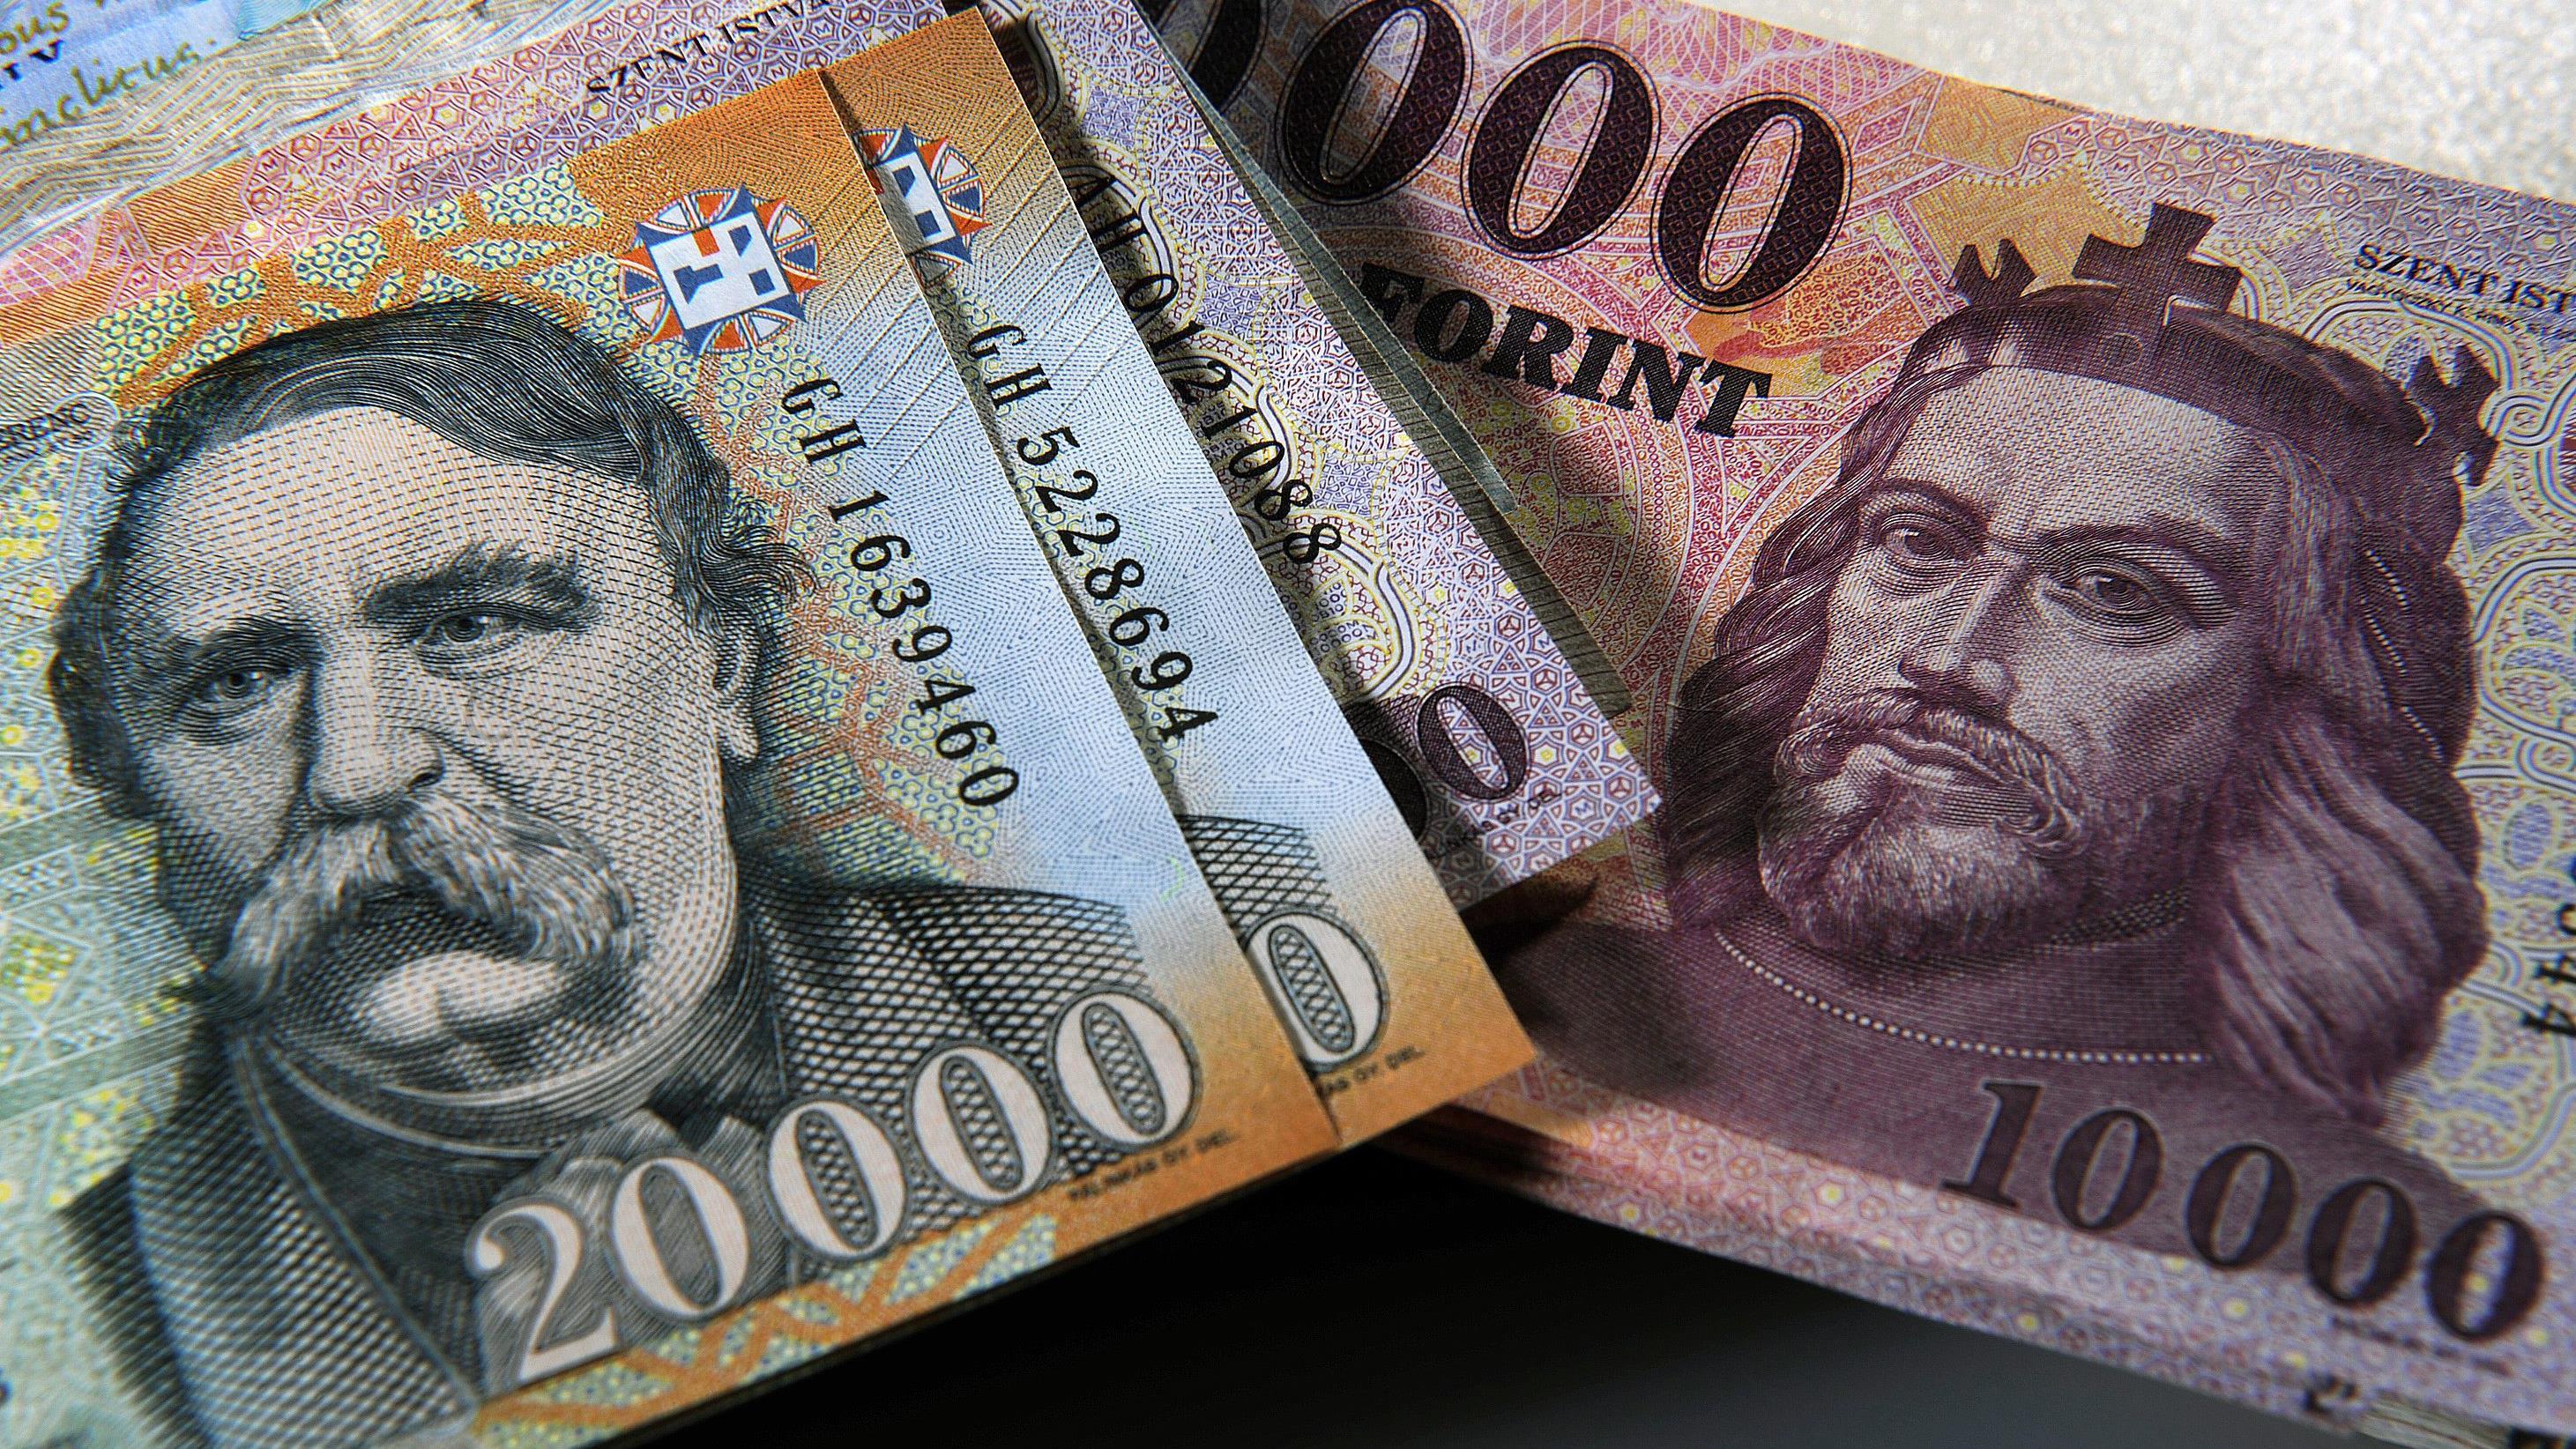 Friss hírek: A nettó pénzügyi megtakarítás elérte a 120 milliárd forintot.